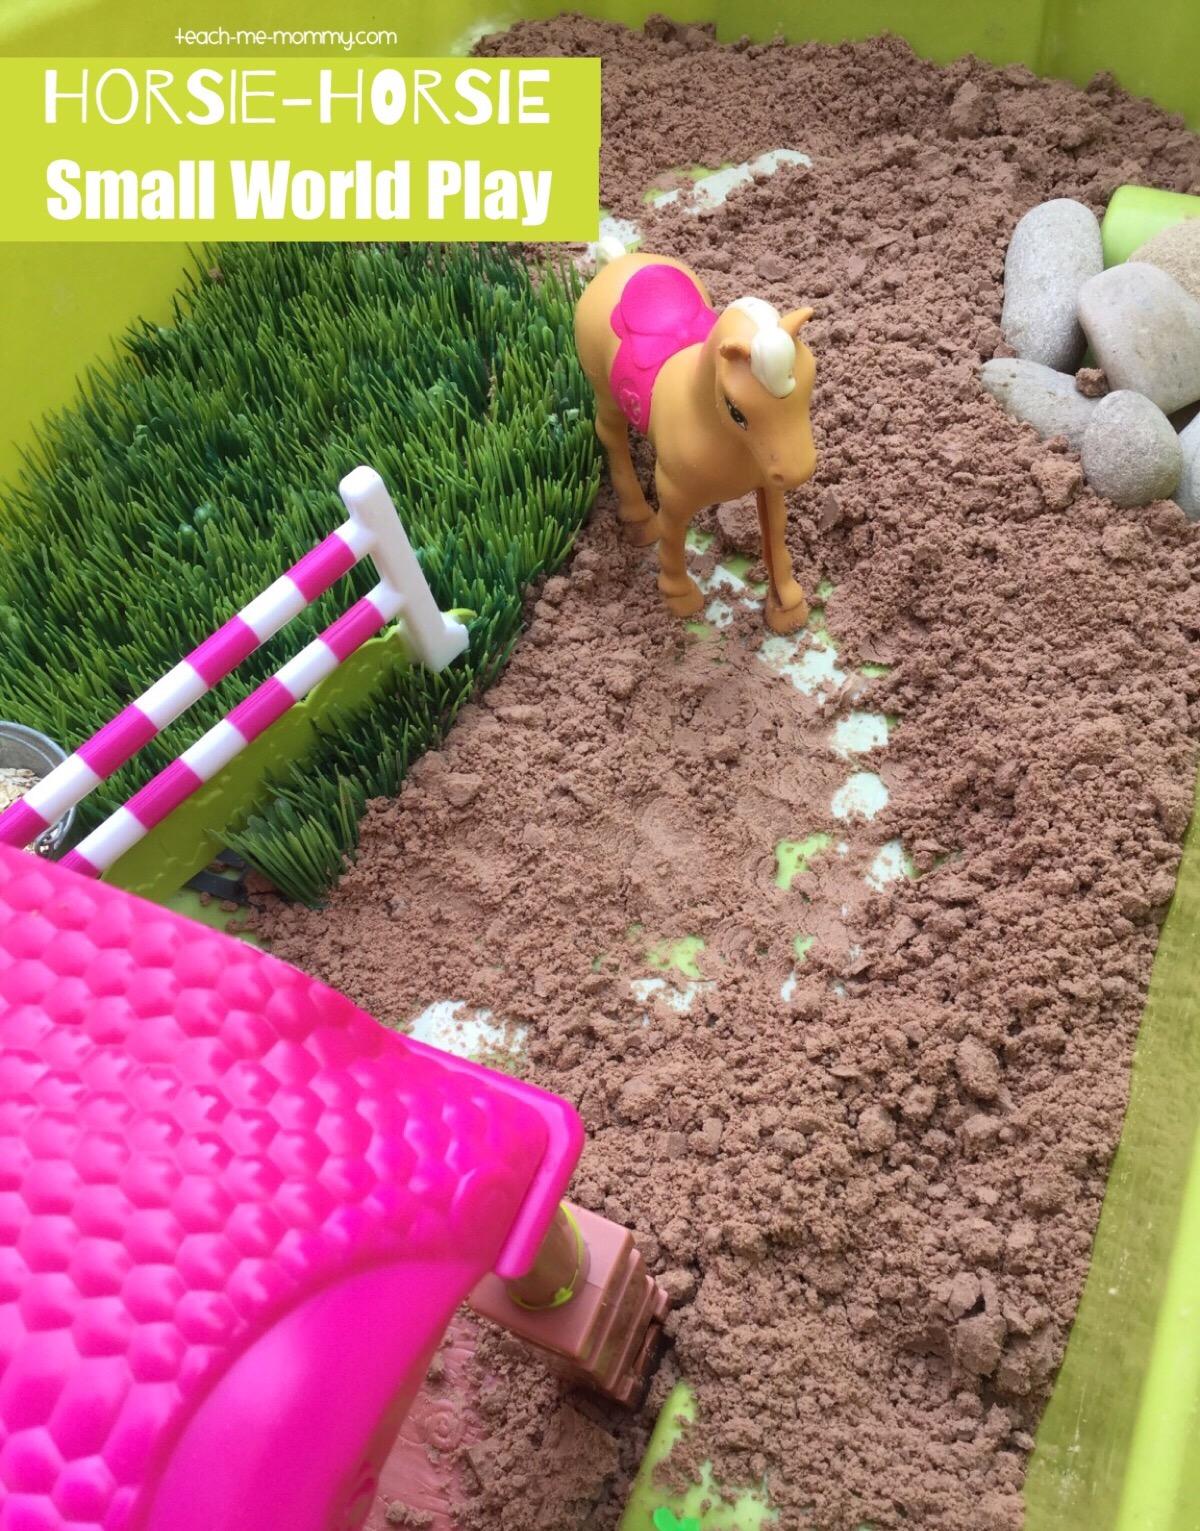 horsie horsie small world